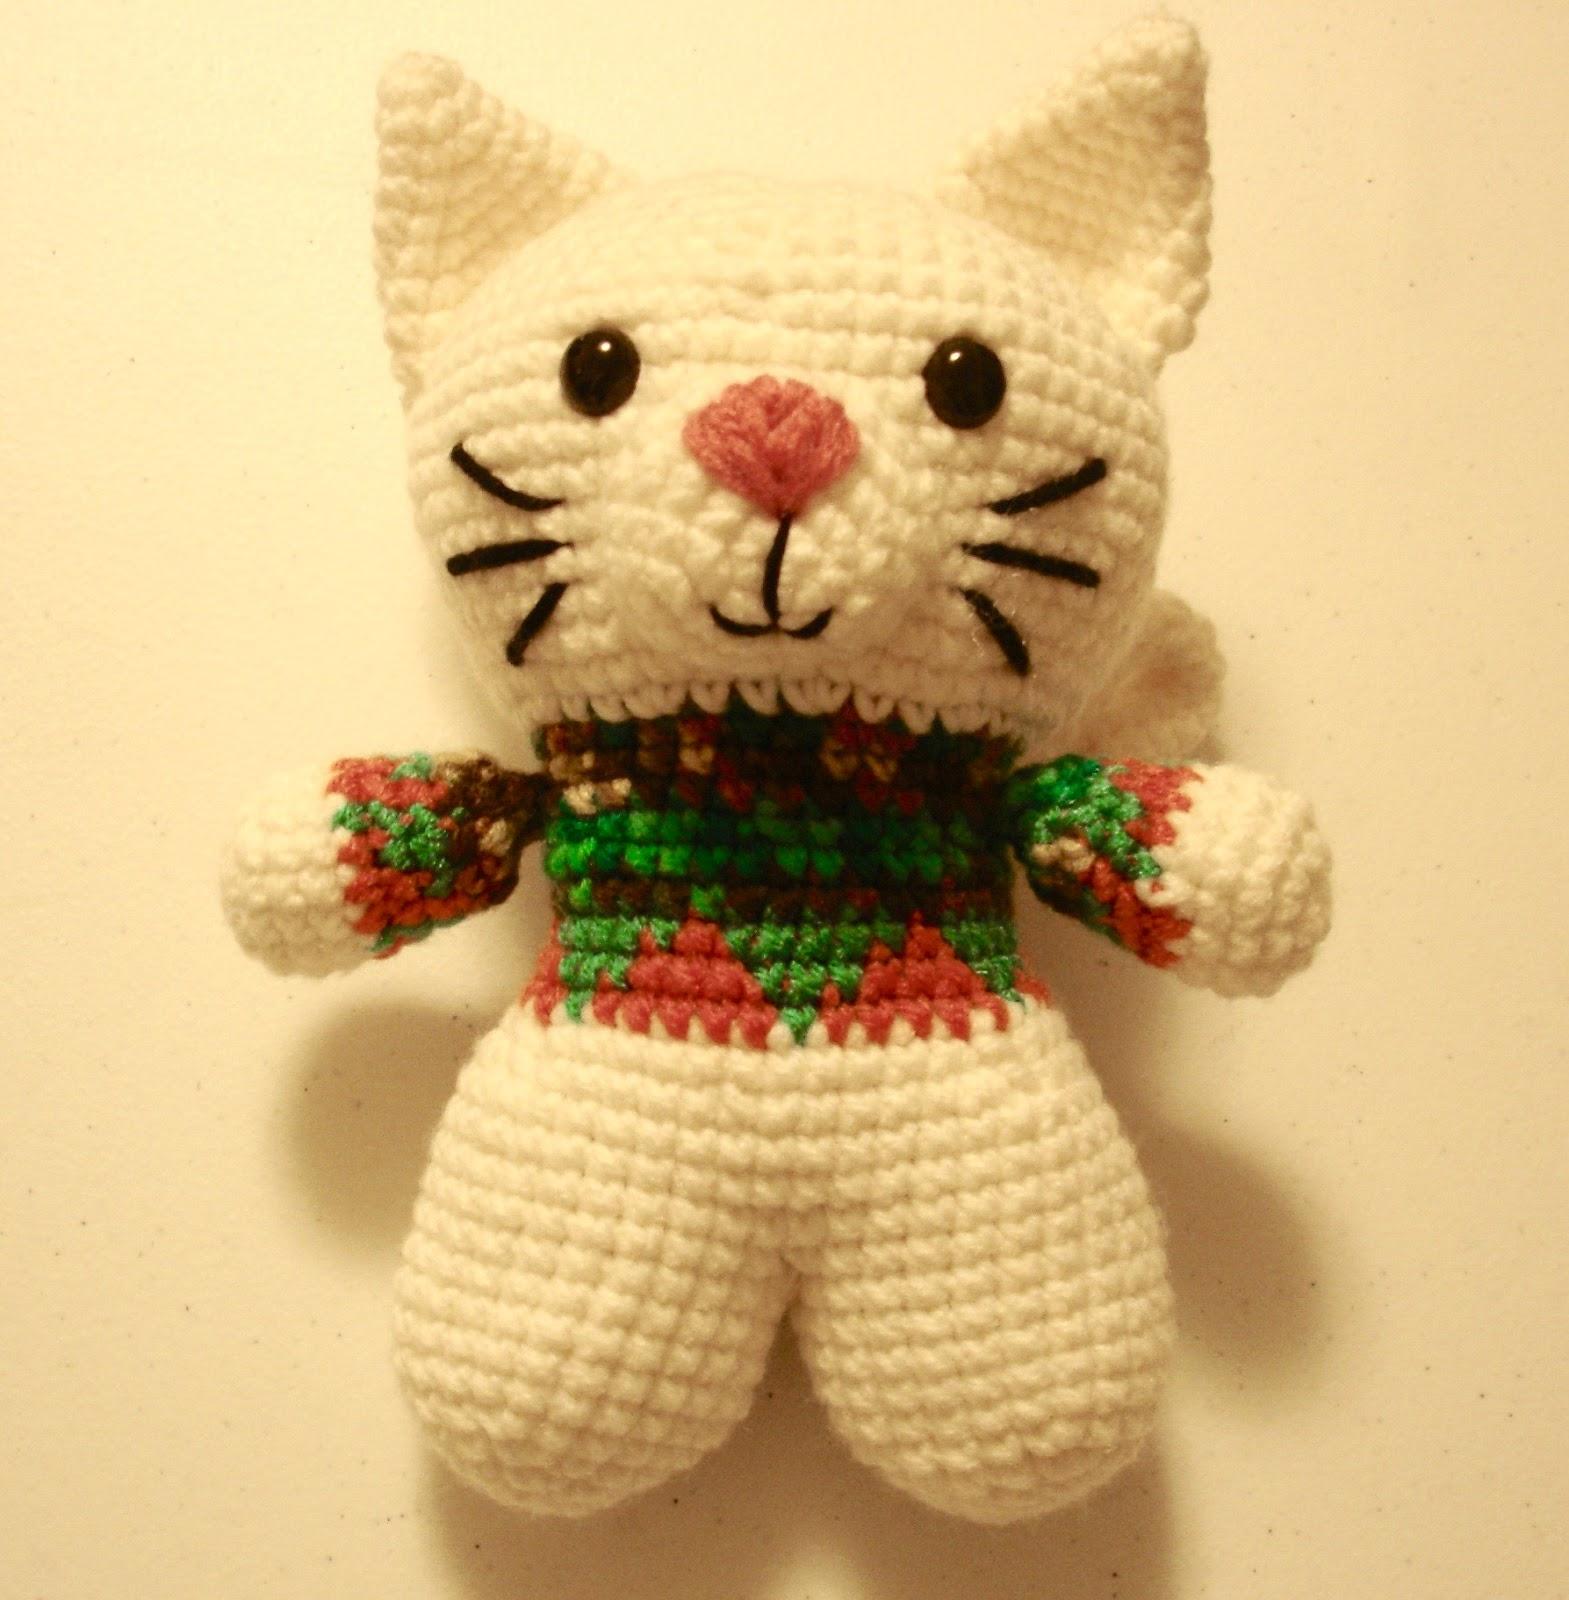 Crochet cat amigurumi plush free pattern – Free Amigurumi Patterns ... | 1600x1569